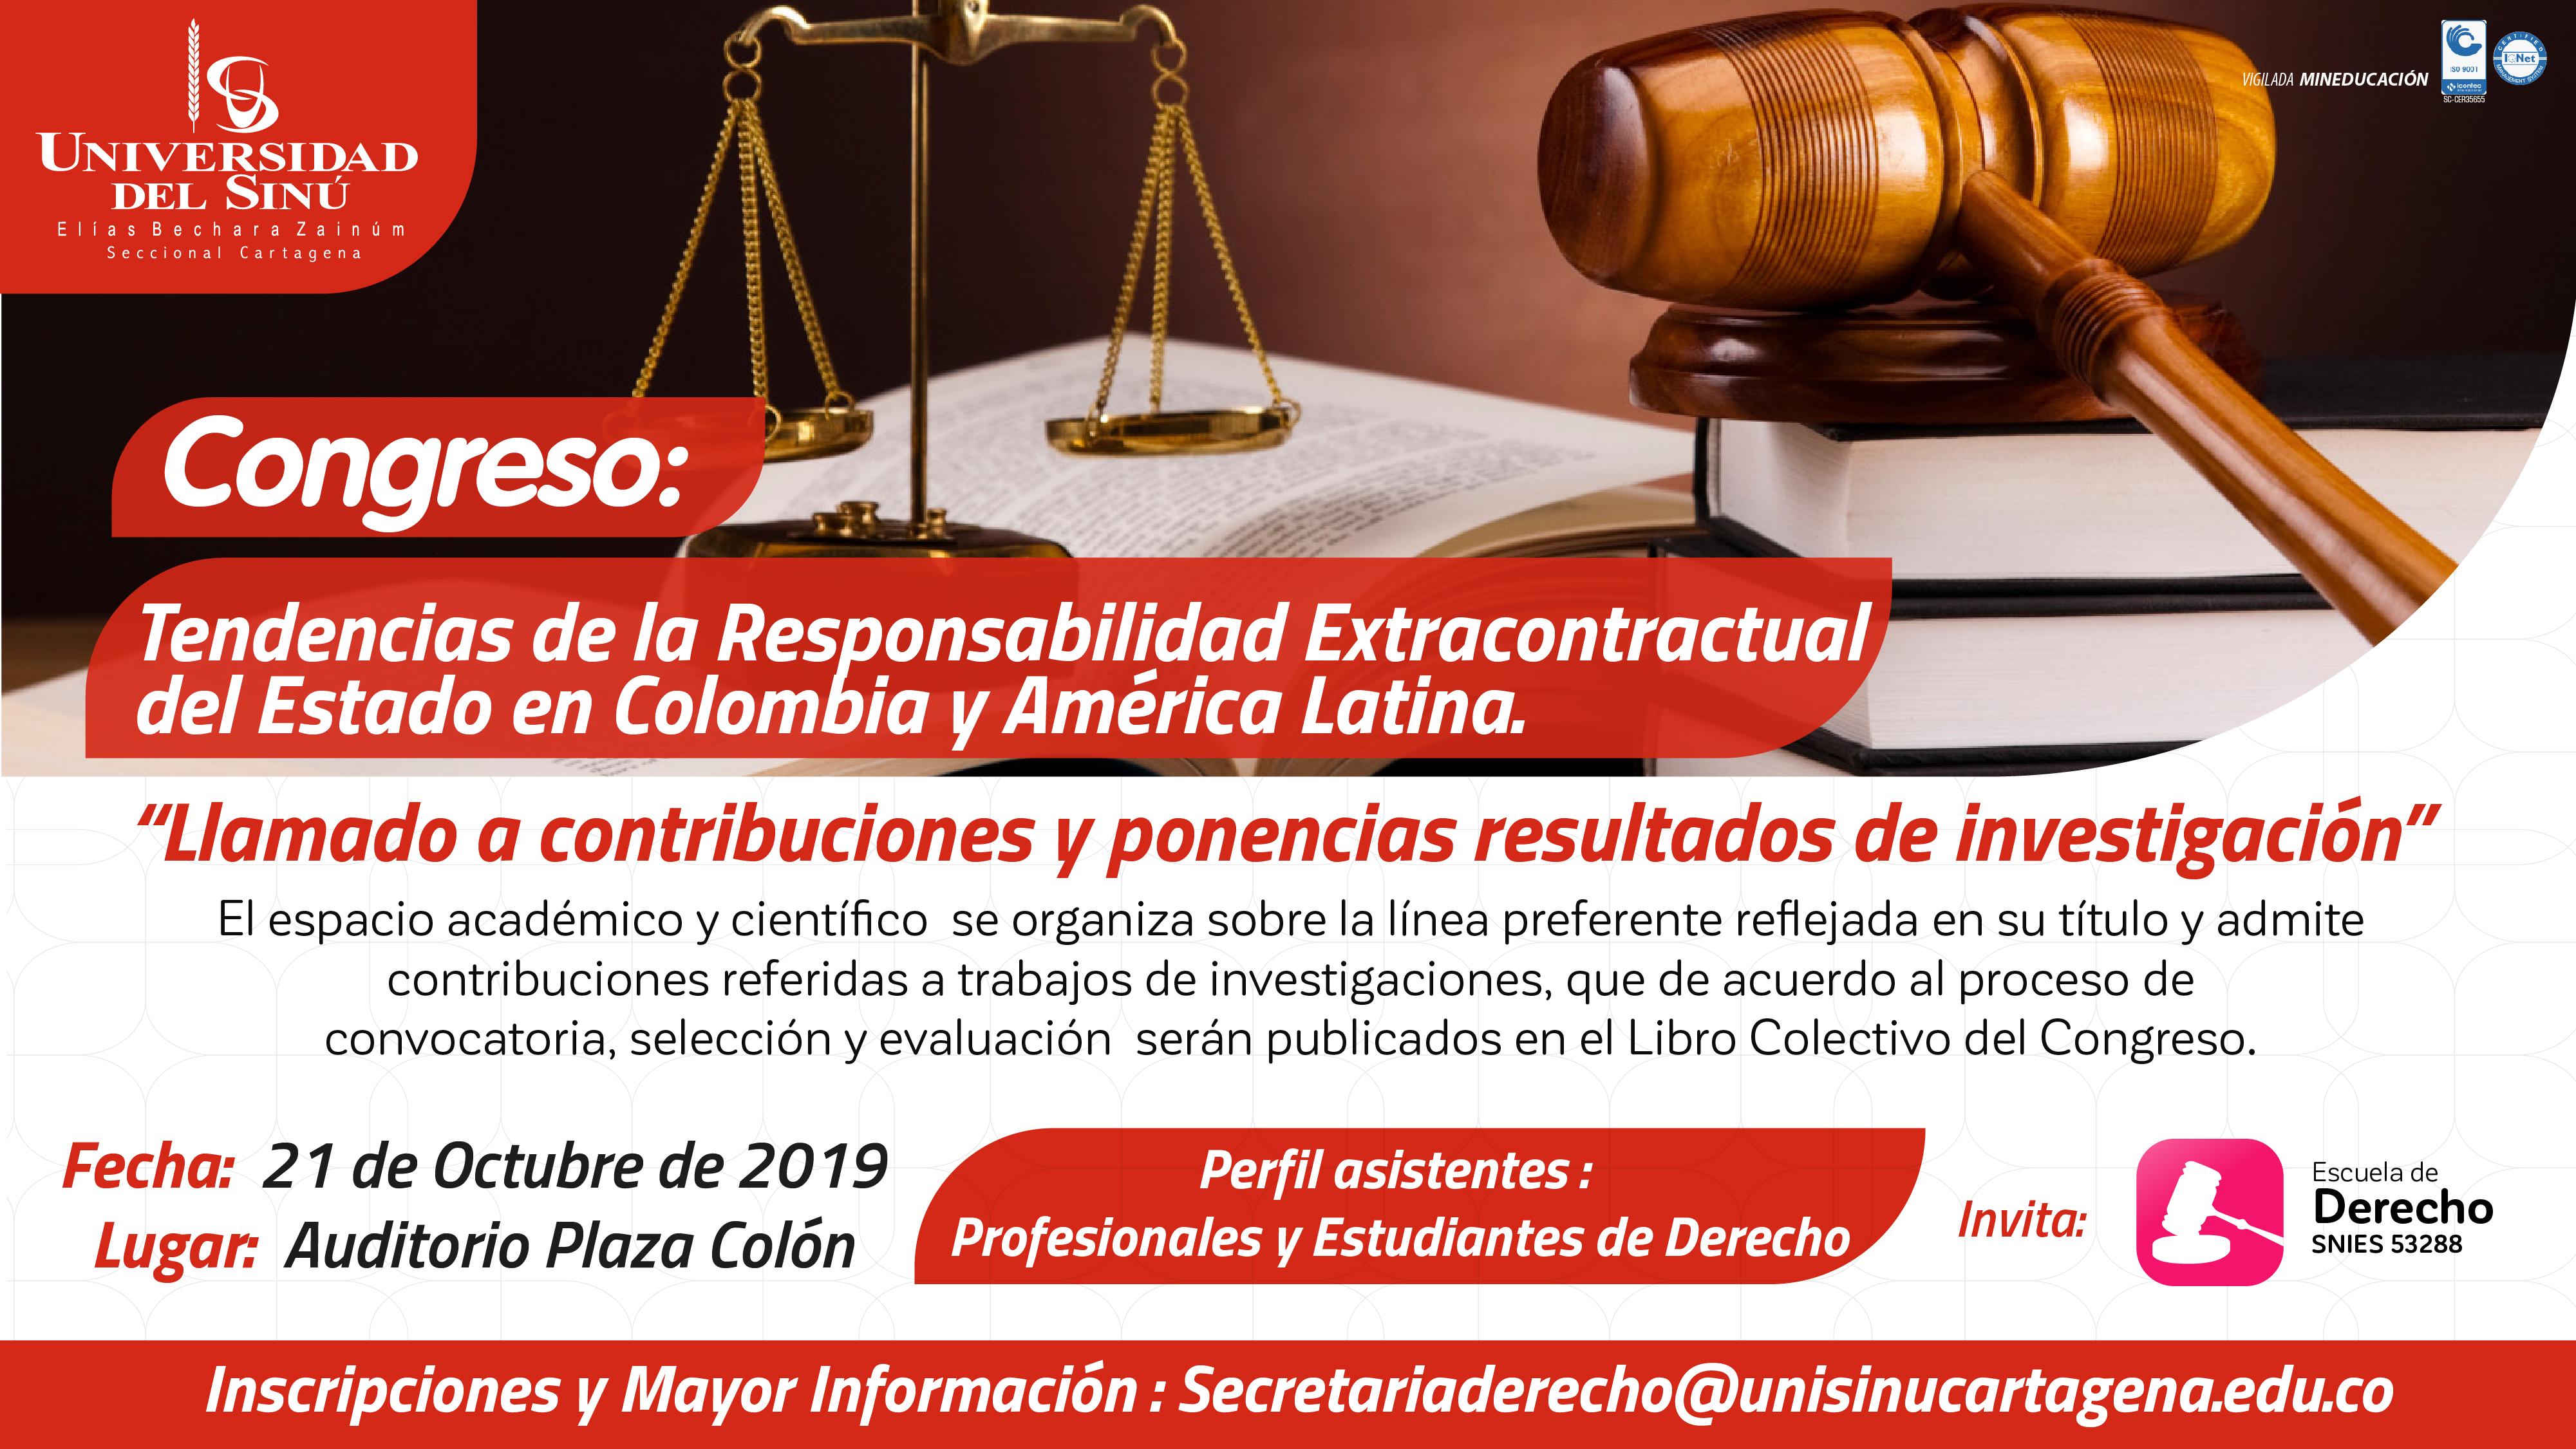 DISEÑO DE EVENTOS_Mesa de trabajo 1 copia 11